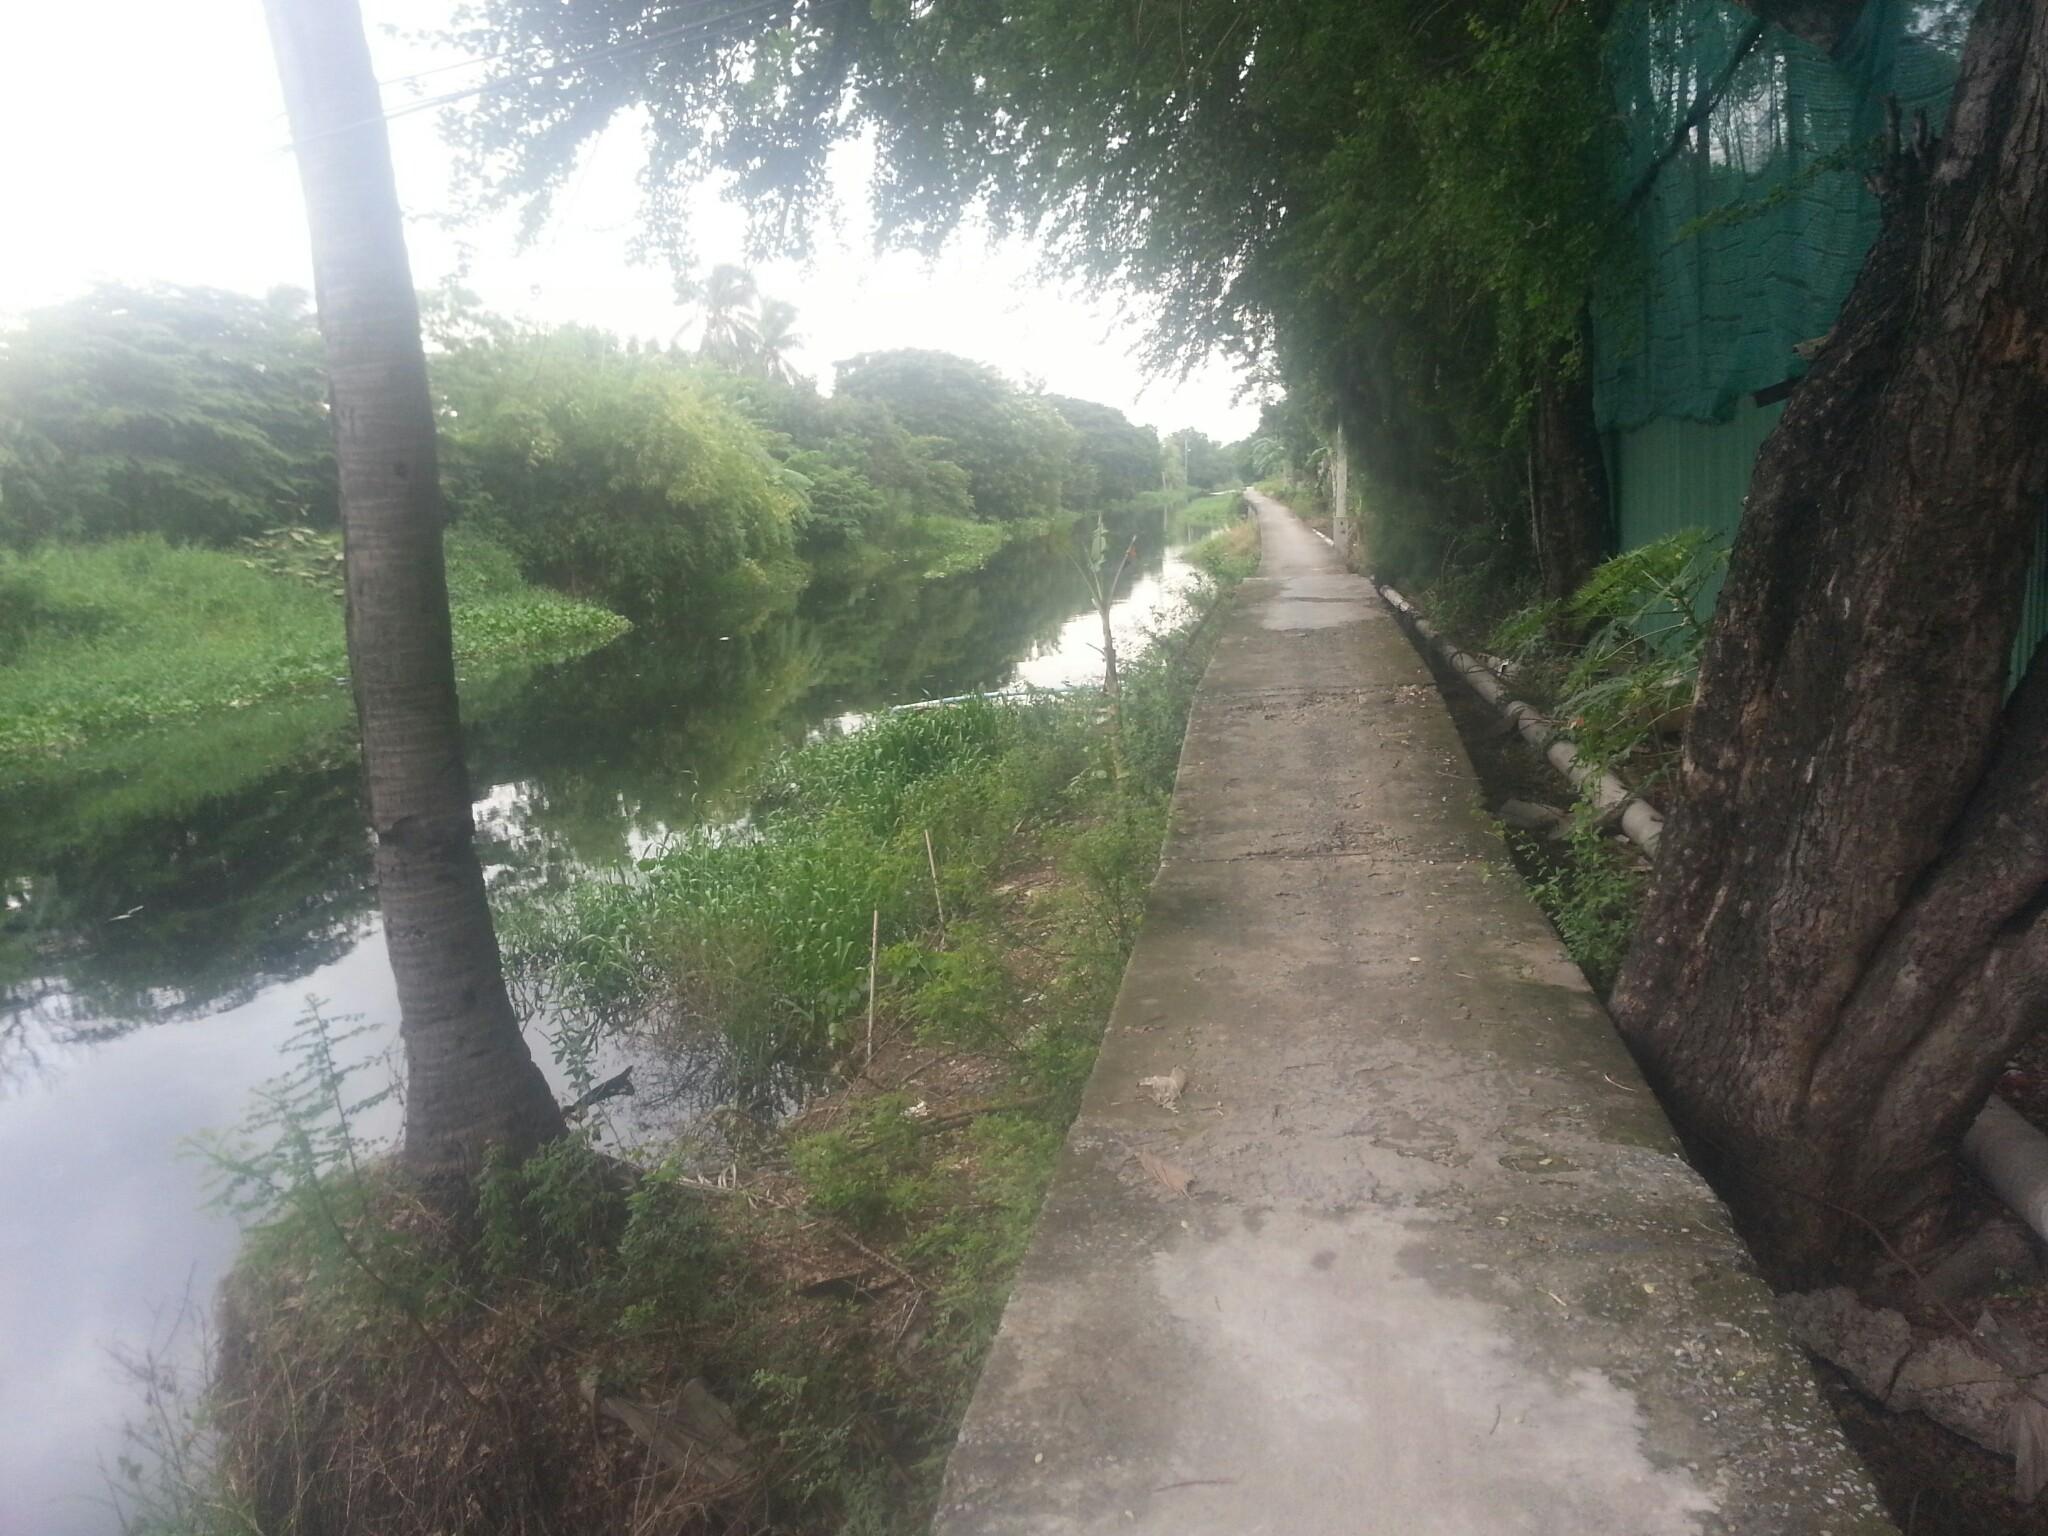 Bangkok Khlong near Suvarnabhumi